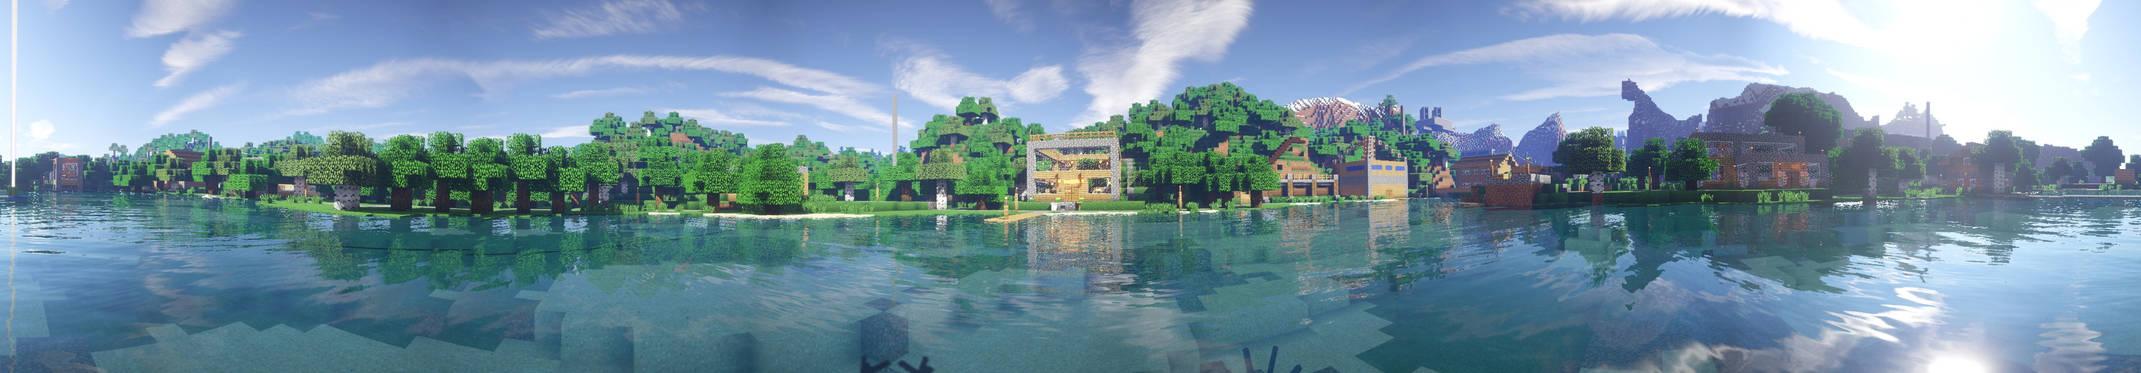 Resortville Panorama